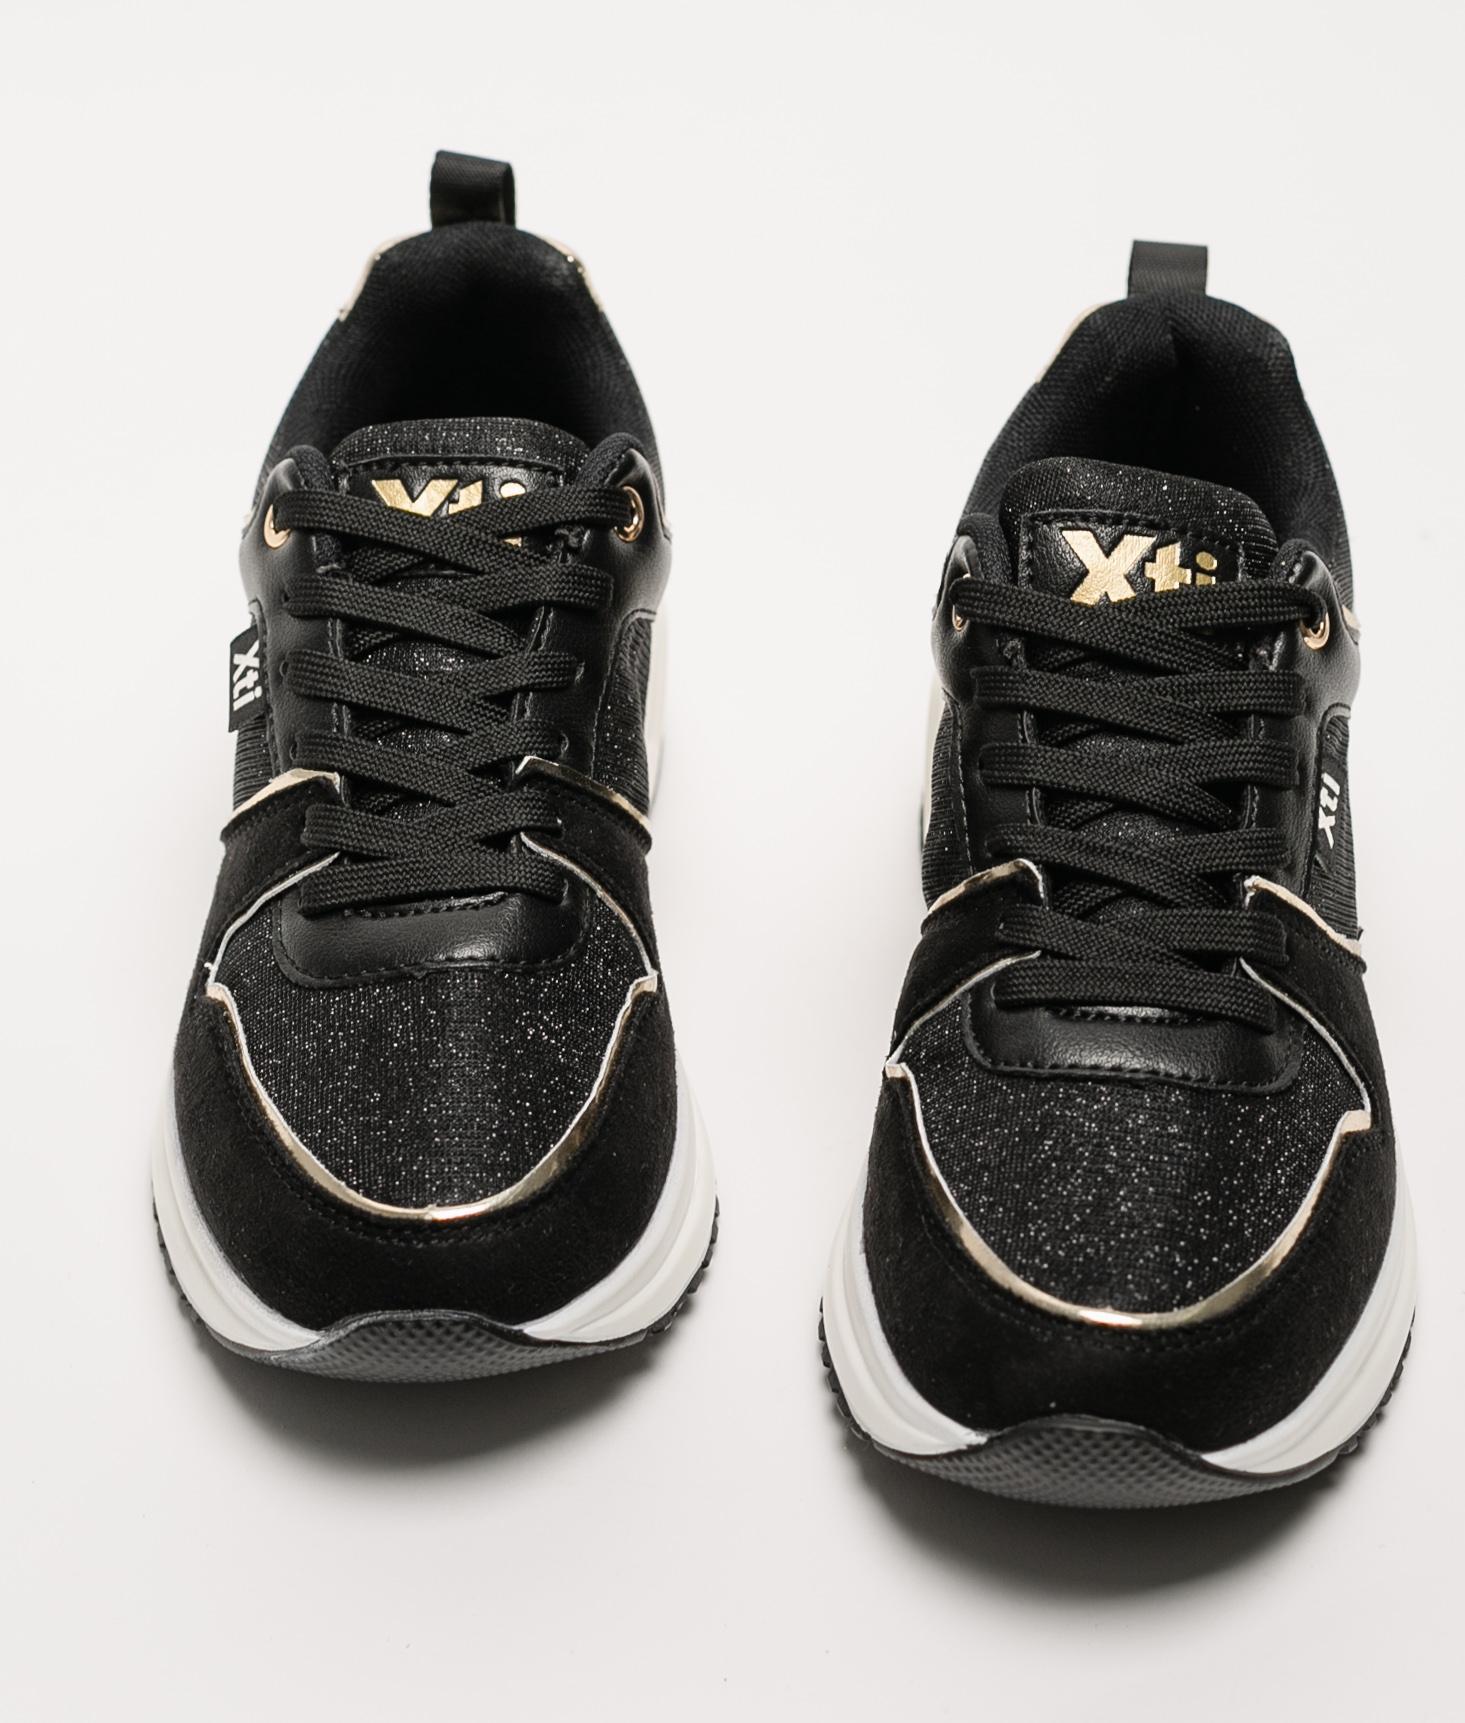 Sneakers Cluba Xti - Black